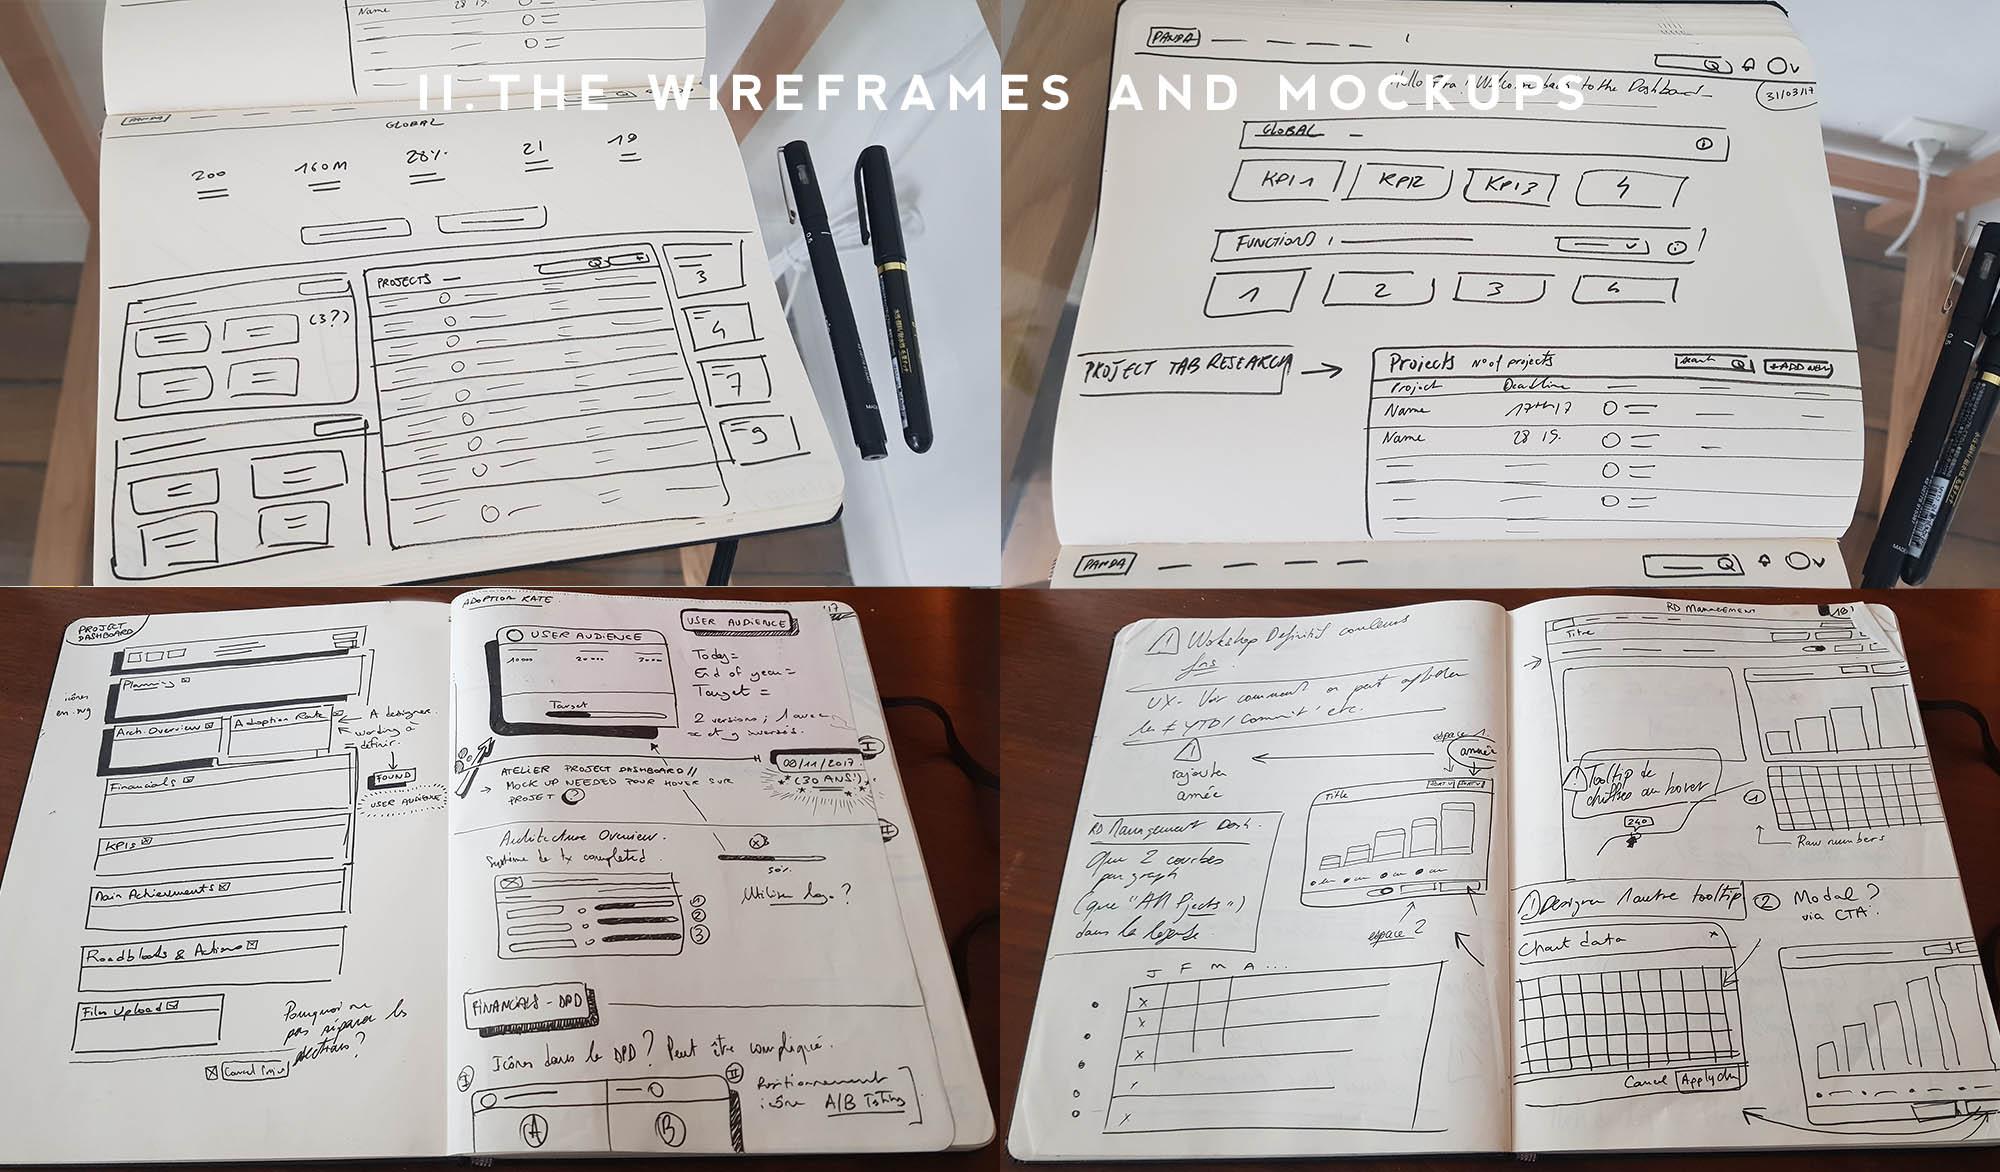 wireframes-and-mockups-renault-digital